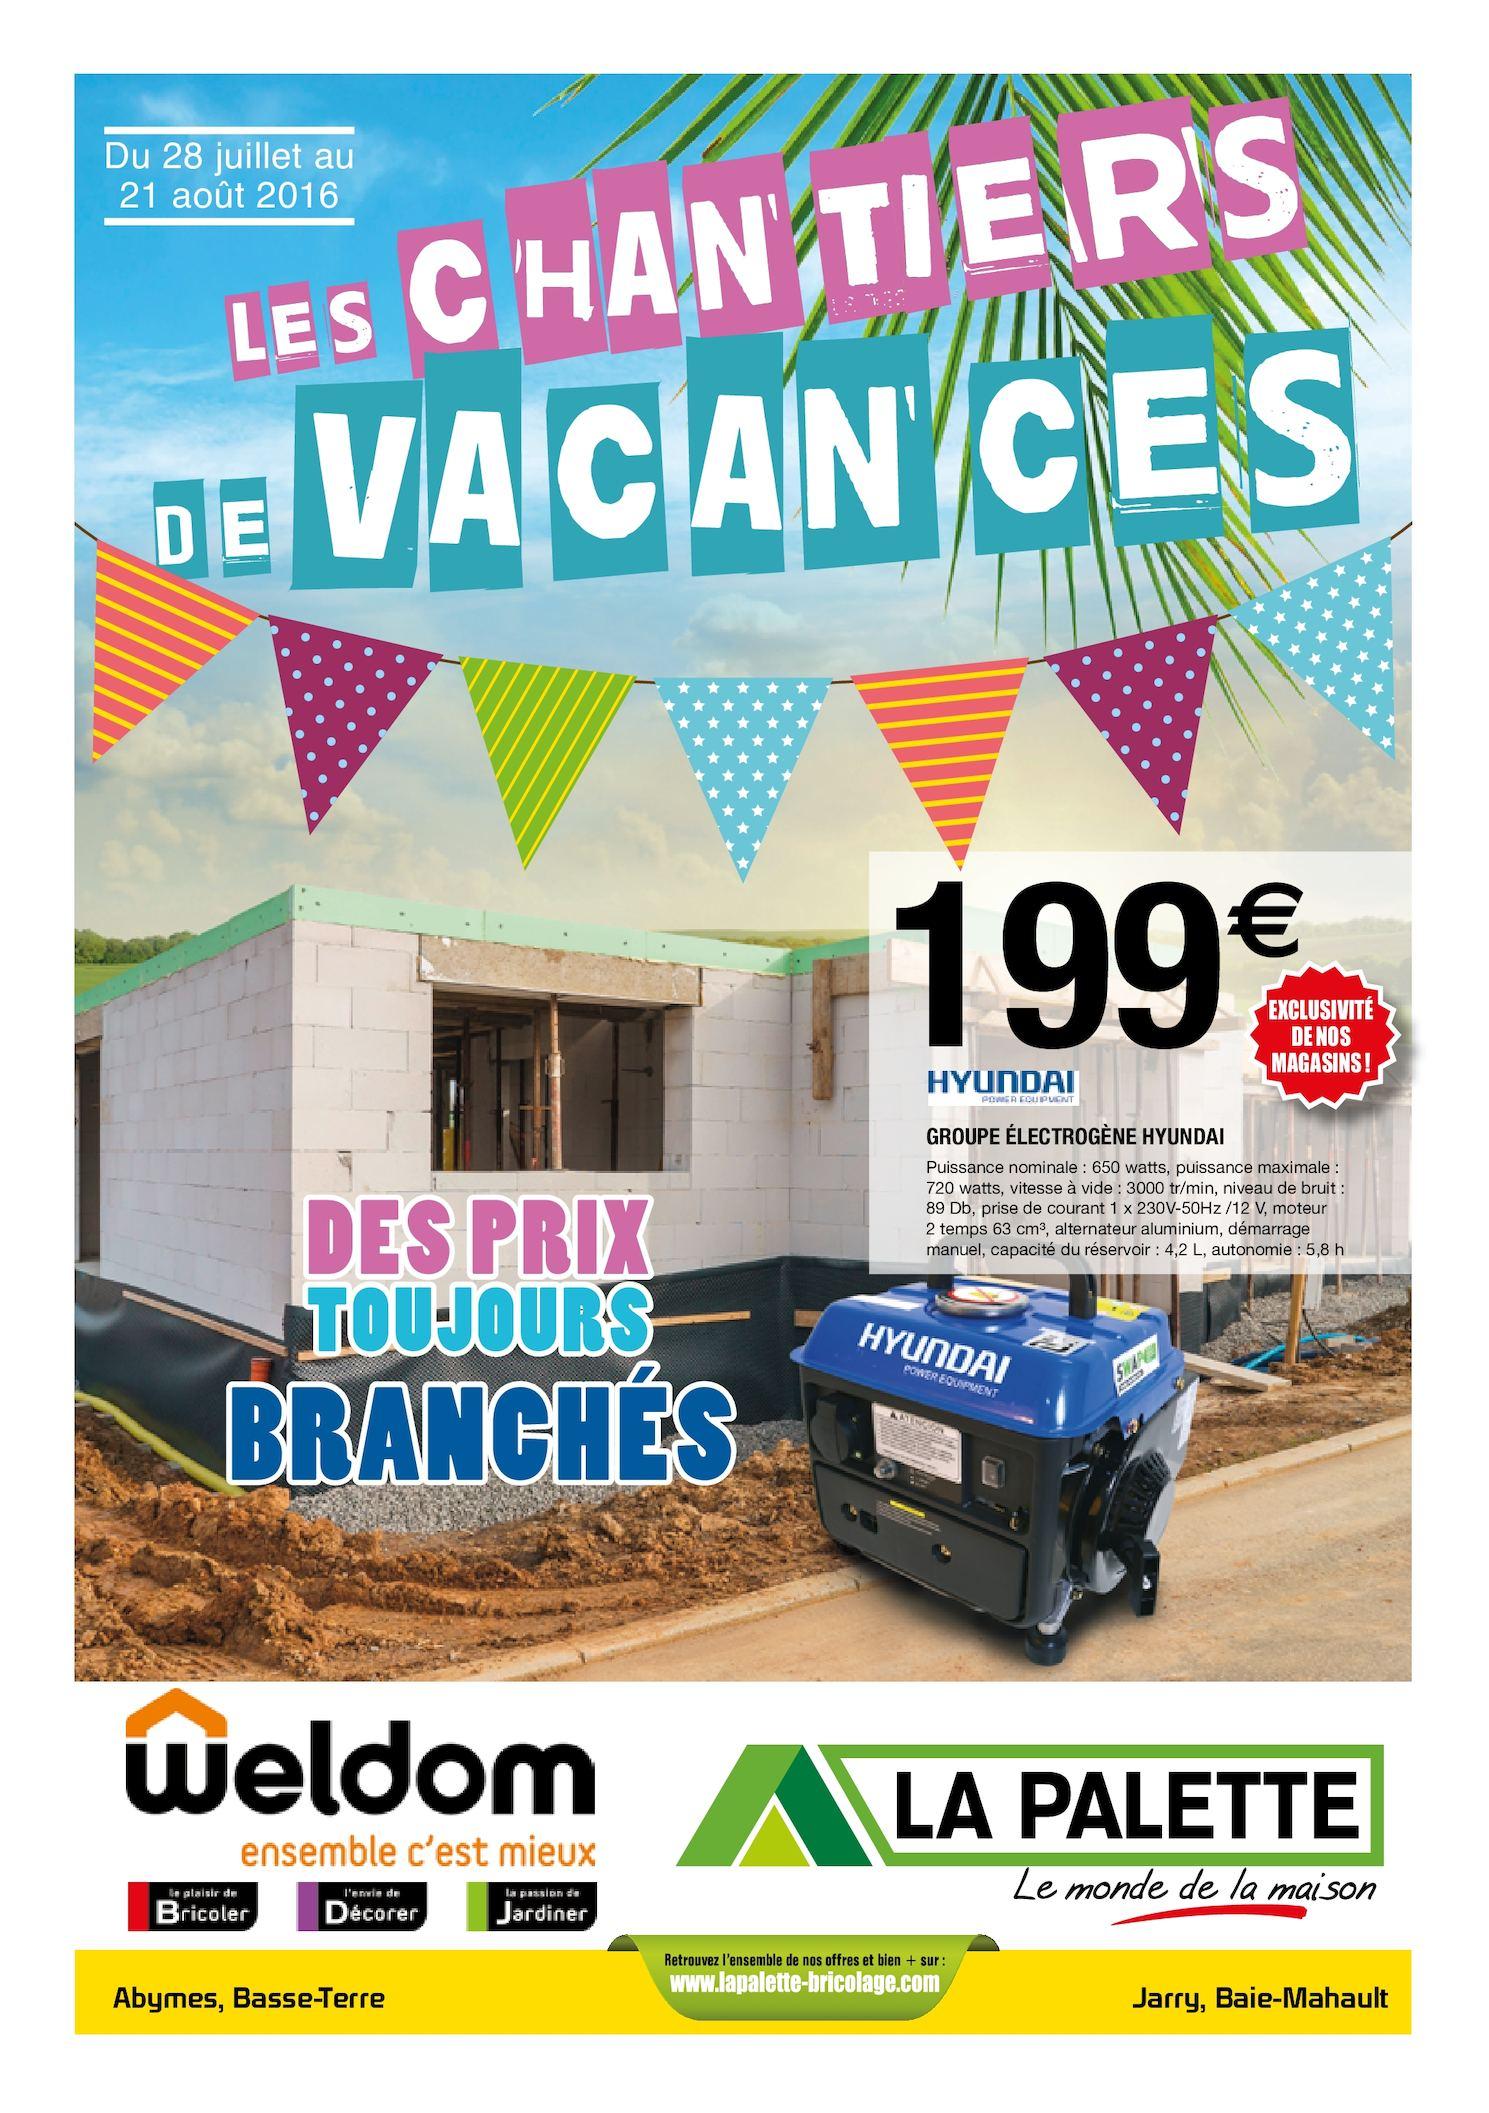 Calaméo La Palette Weldom Guadeloupe Chantiers De Vacances